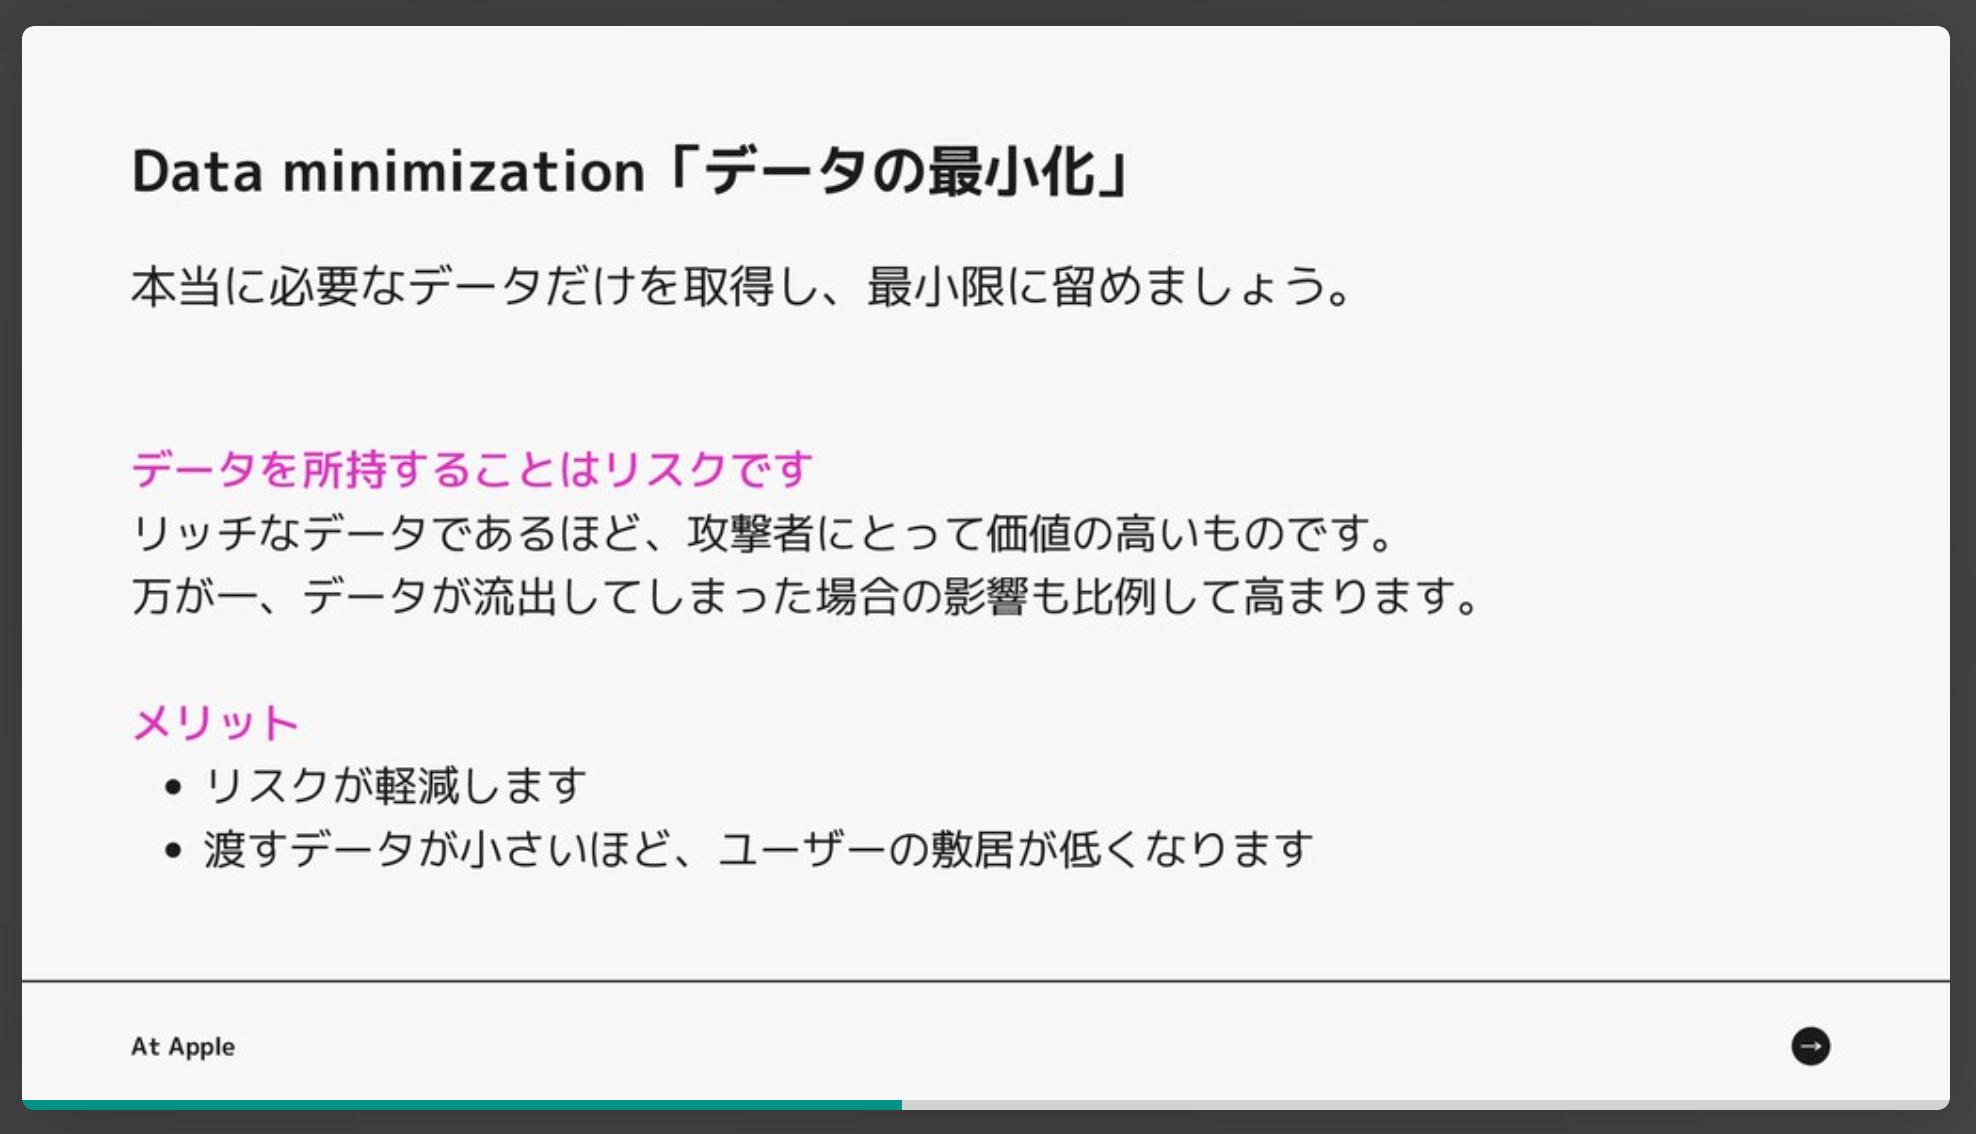 スクリーンショット 2021-09-18 18.43.38.png